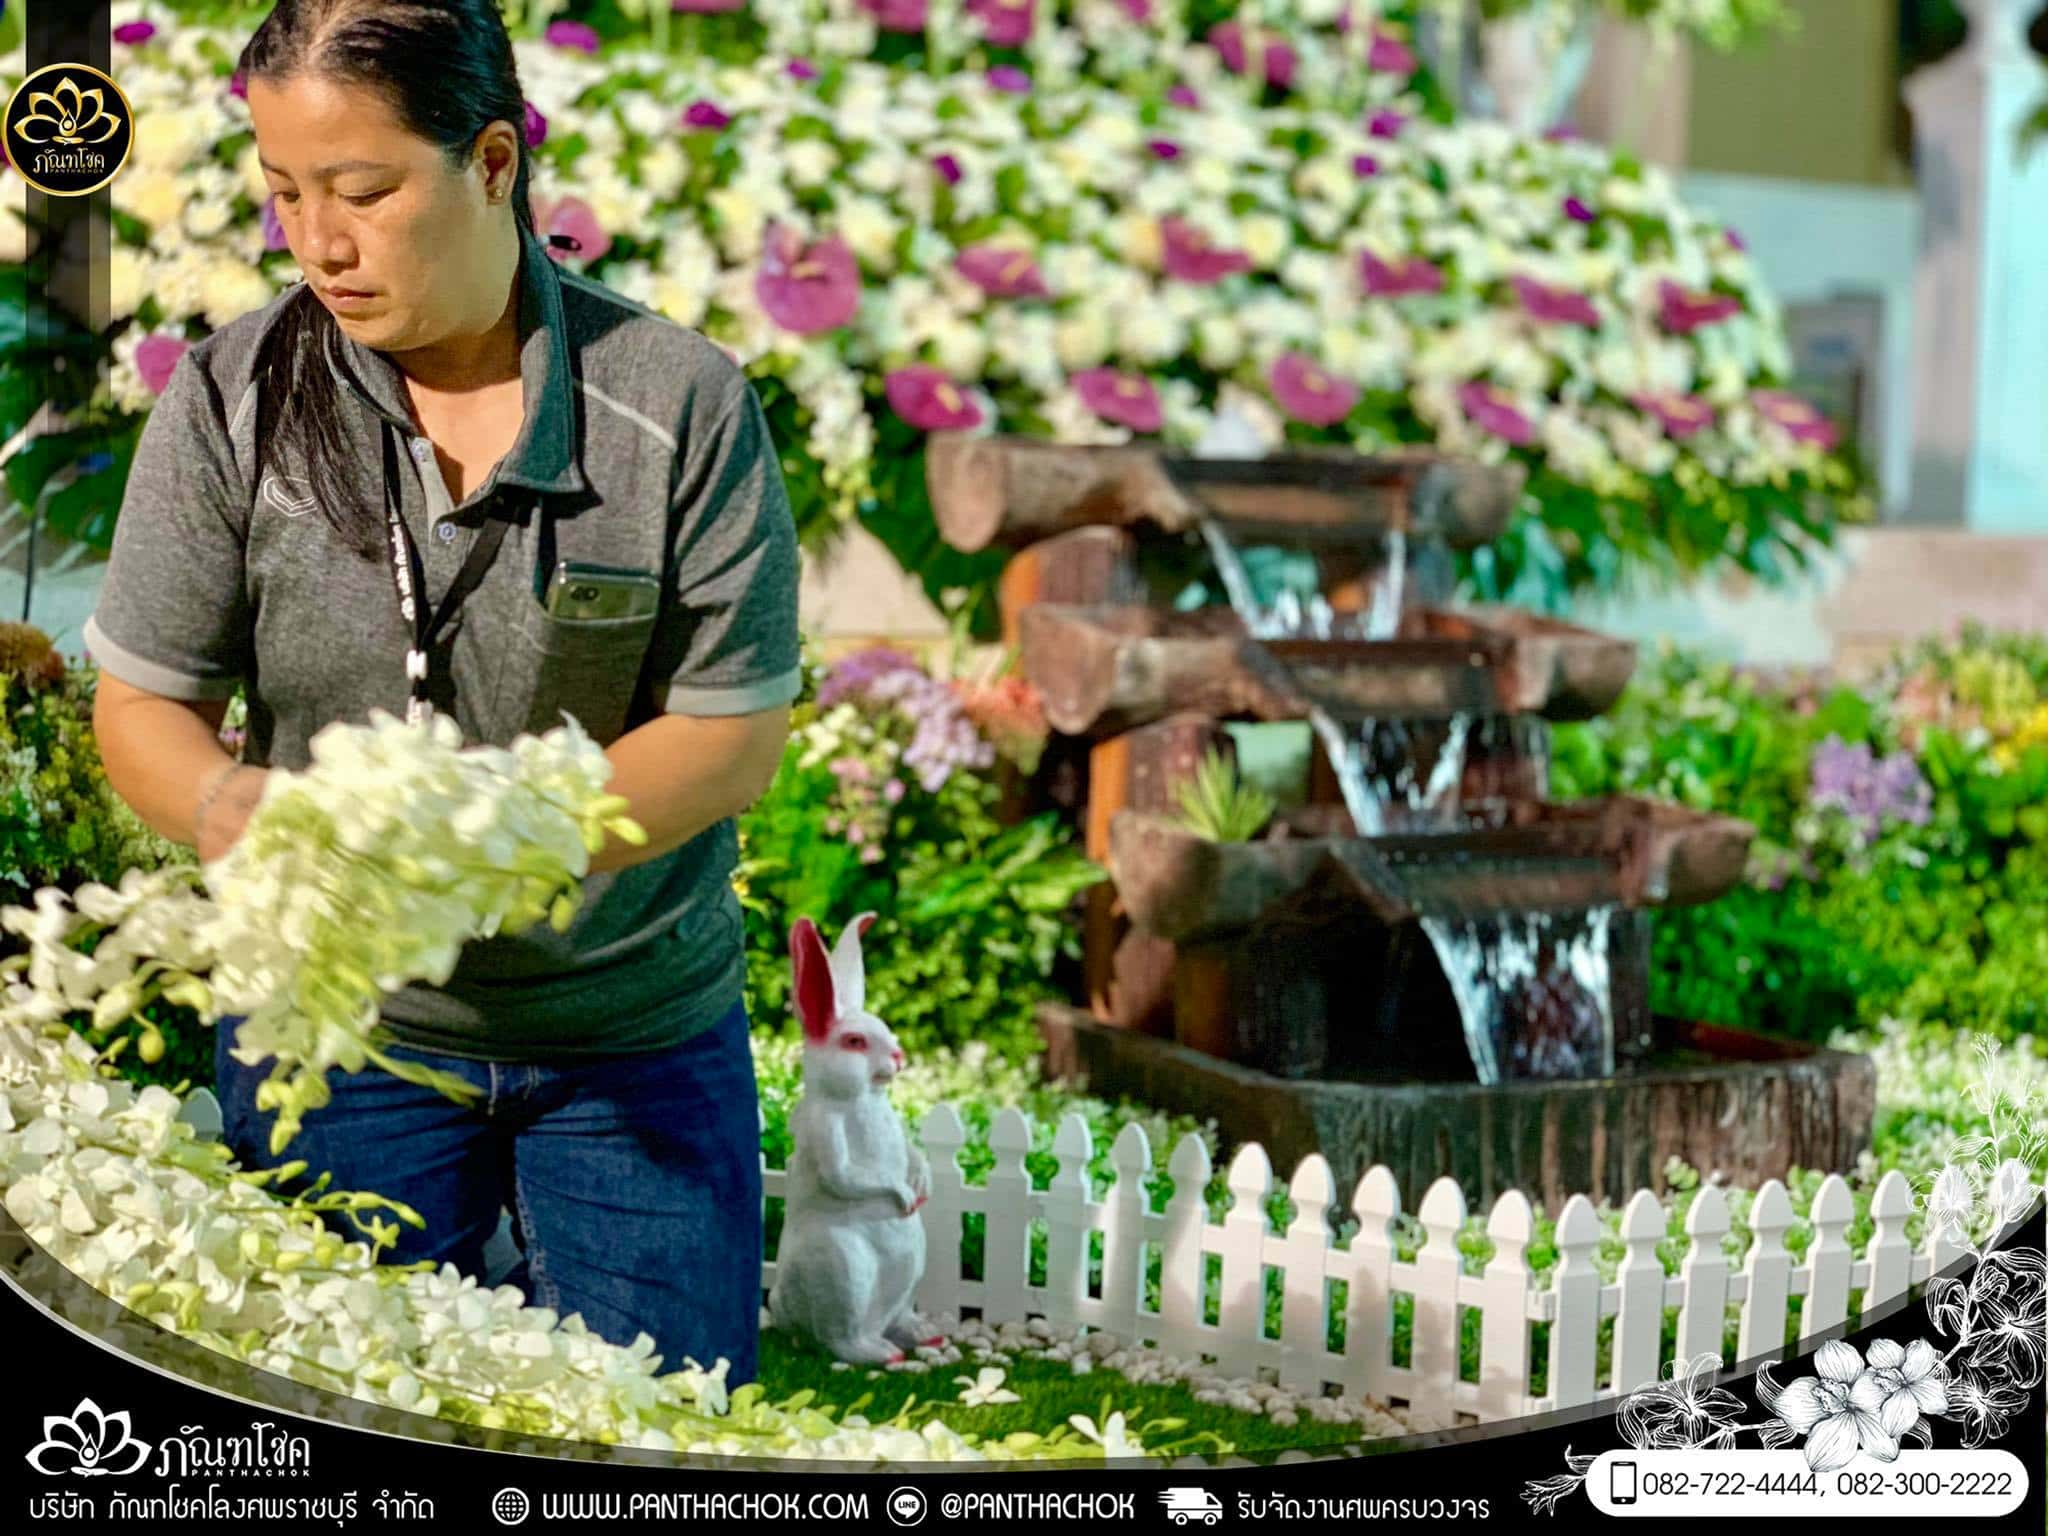 ผู้ให้บริการจัดดอกไม้งานศพ อันดับ 1 ในราชบุรี (ผลงานวัดวันดาว อ.ปากท่อ) 5